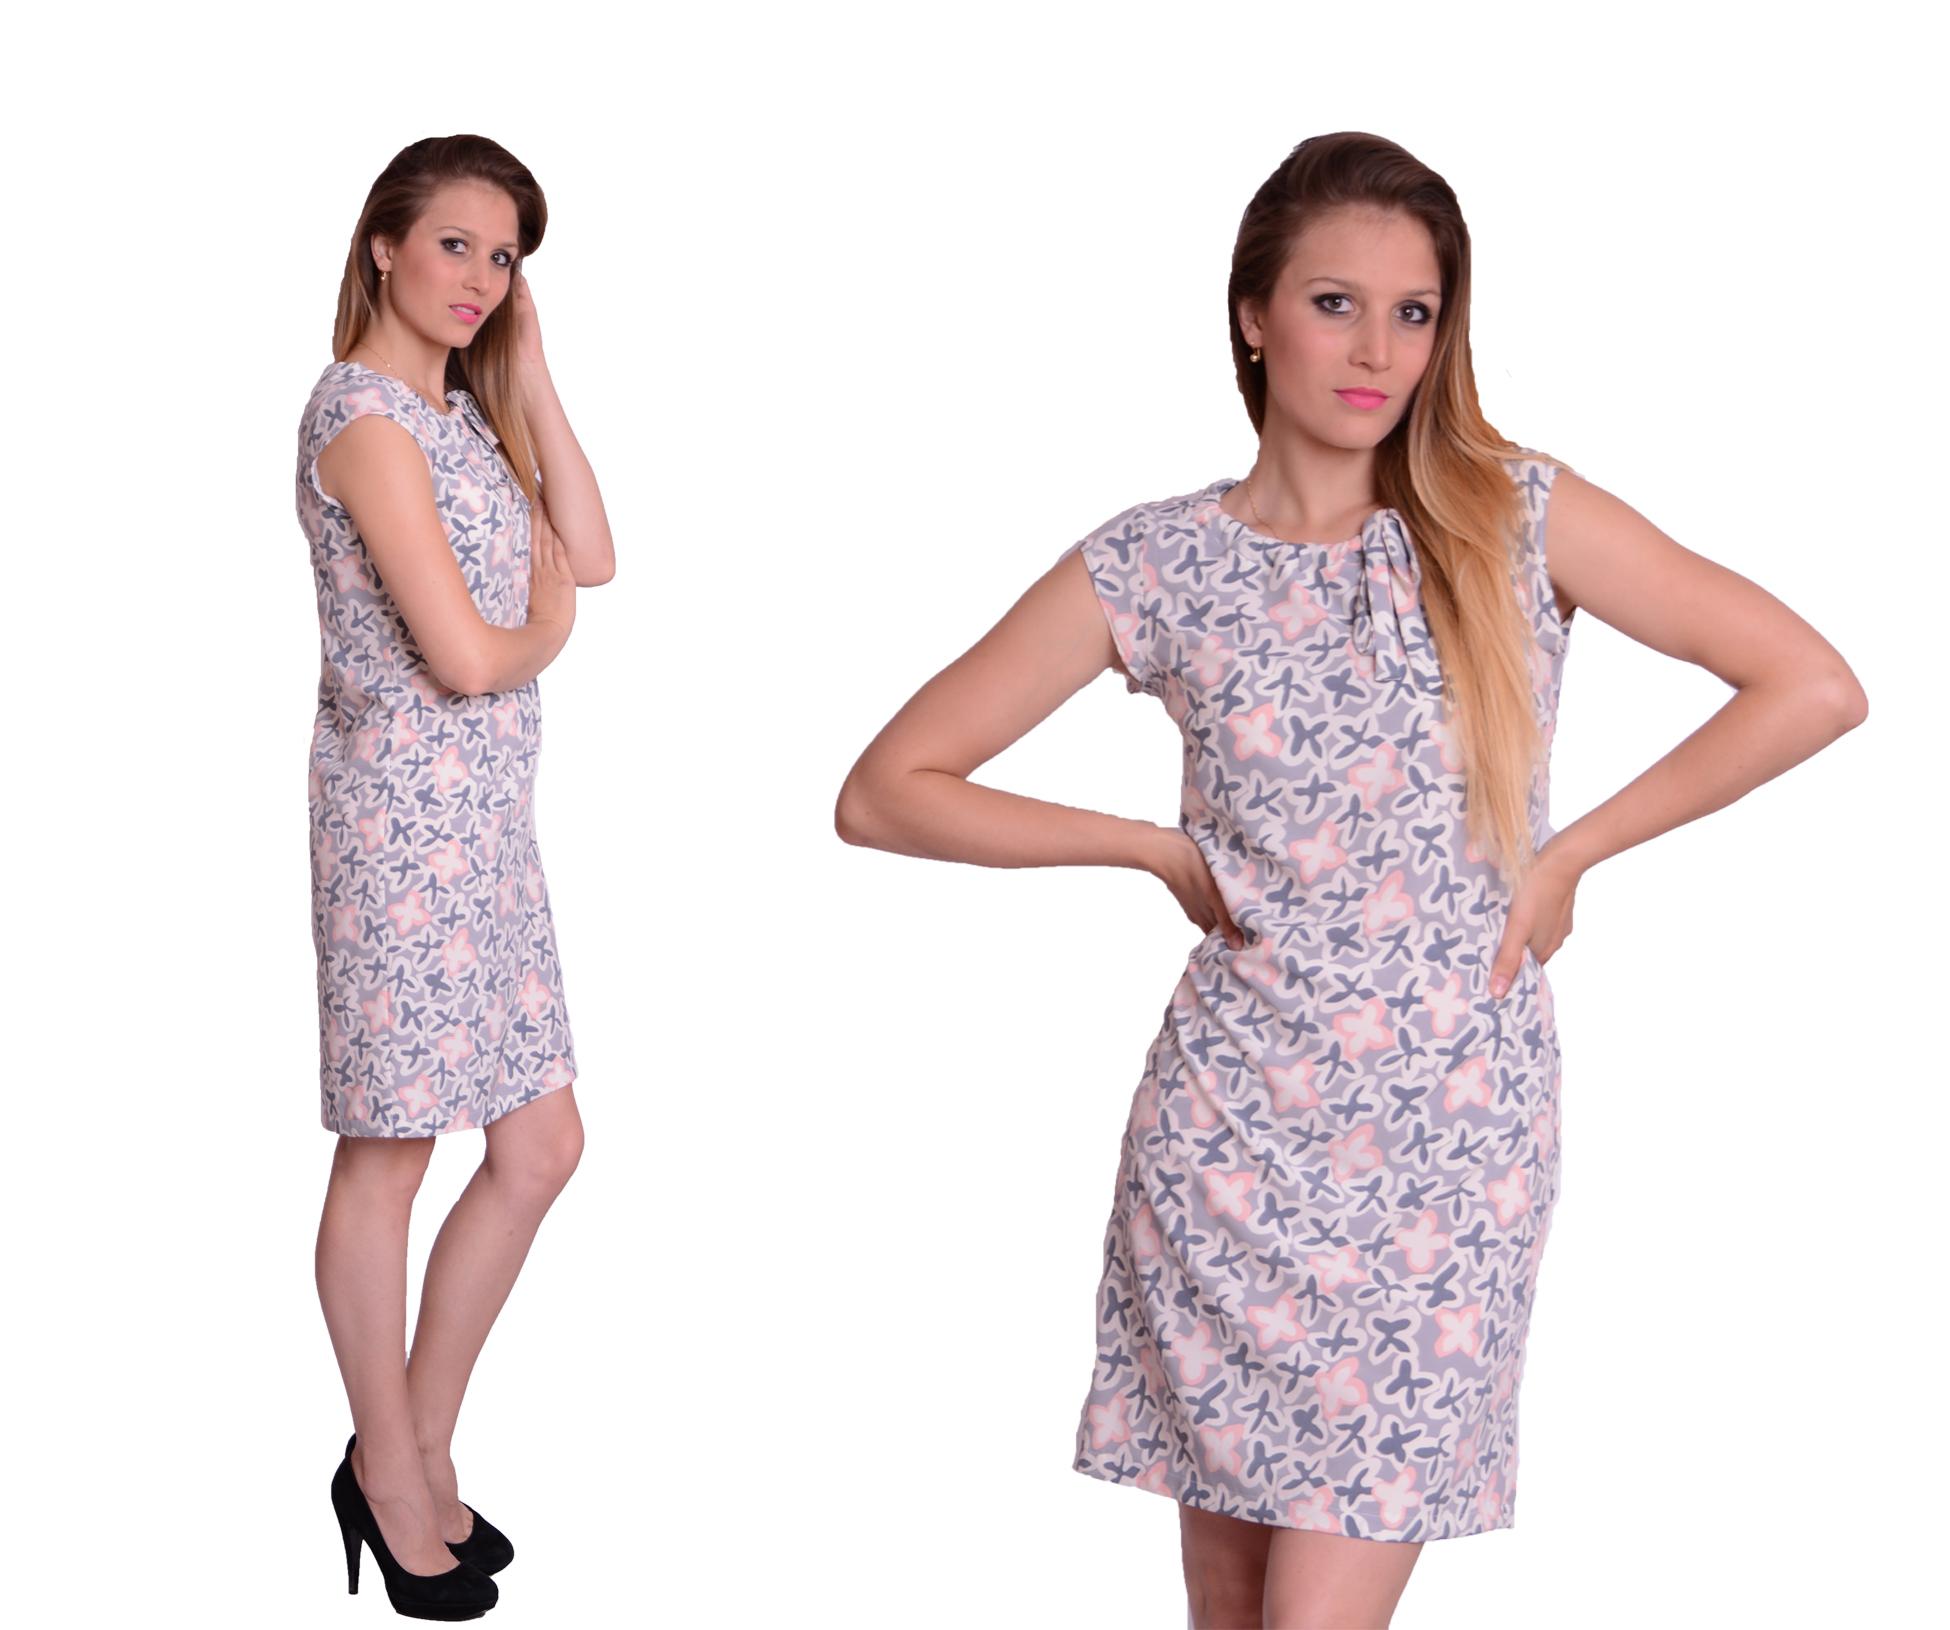 982ddc1b44 Sukienka Letnia Trapez Druk Kwiaty Wiązana rozm.44 - 7379533333 ...